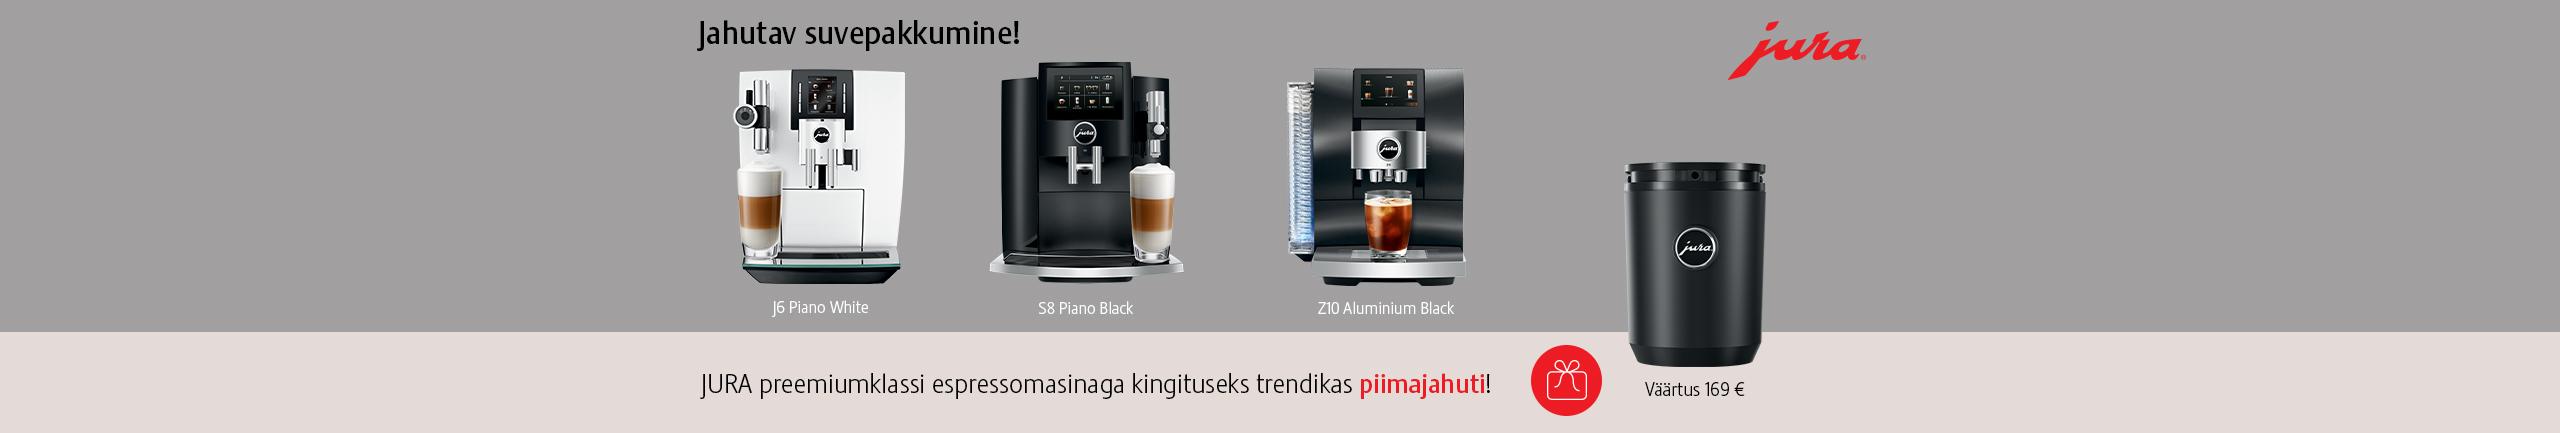 Free Jura milk cooler with premium Jura espresso machines!